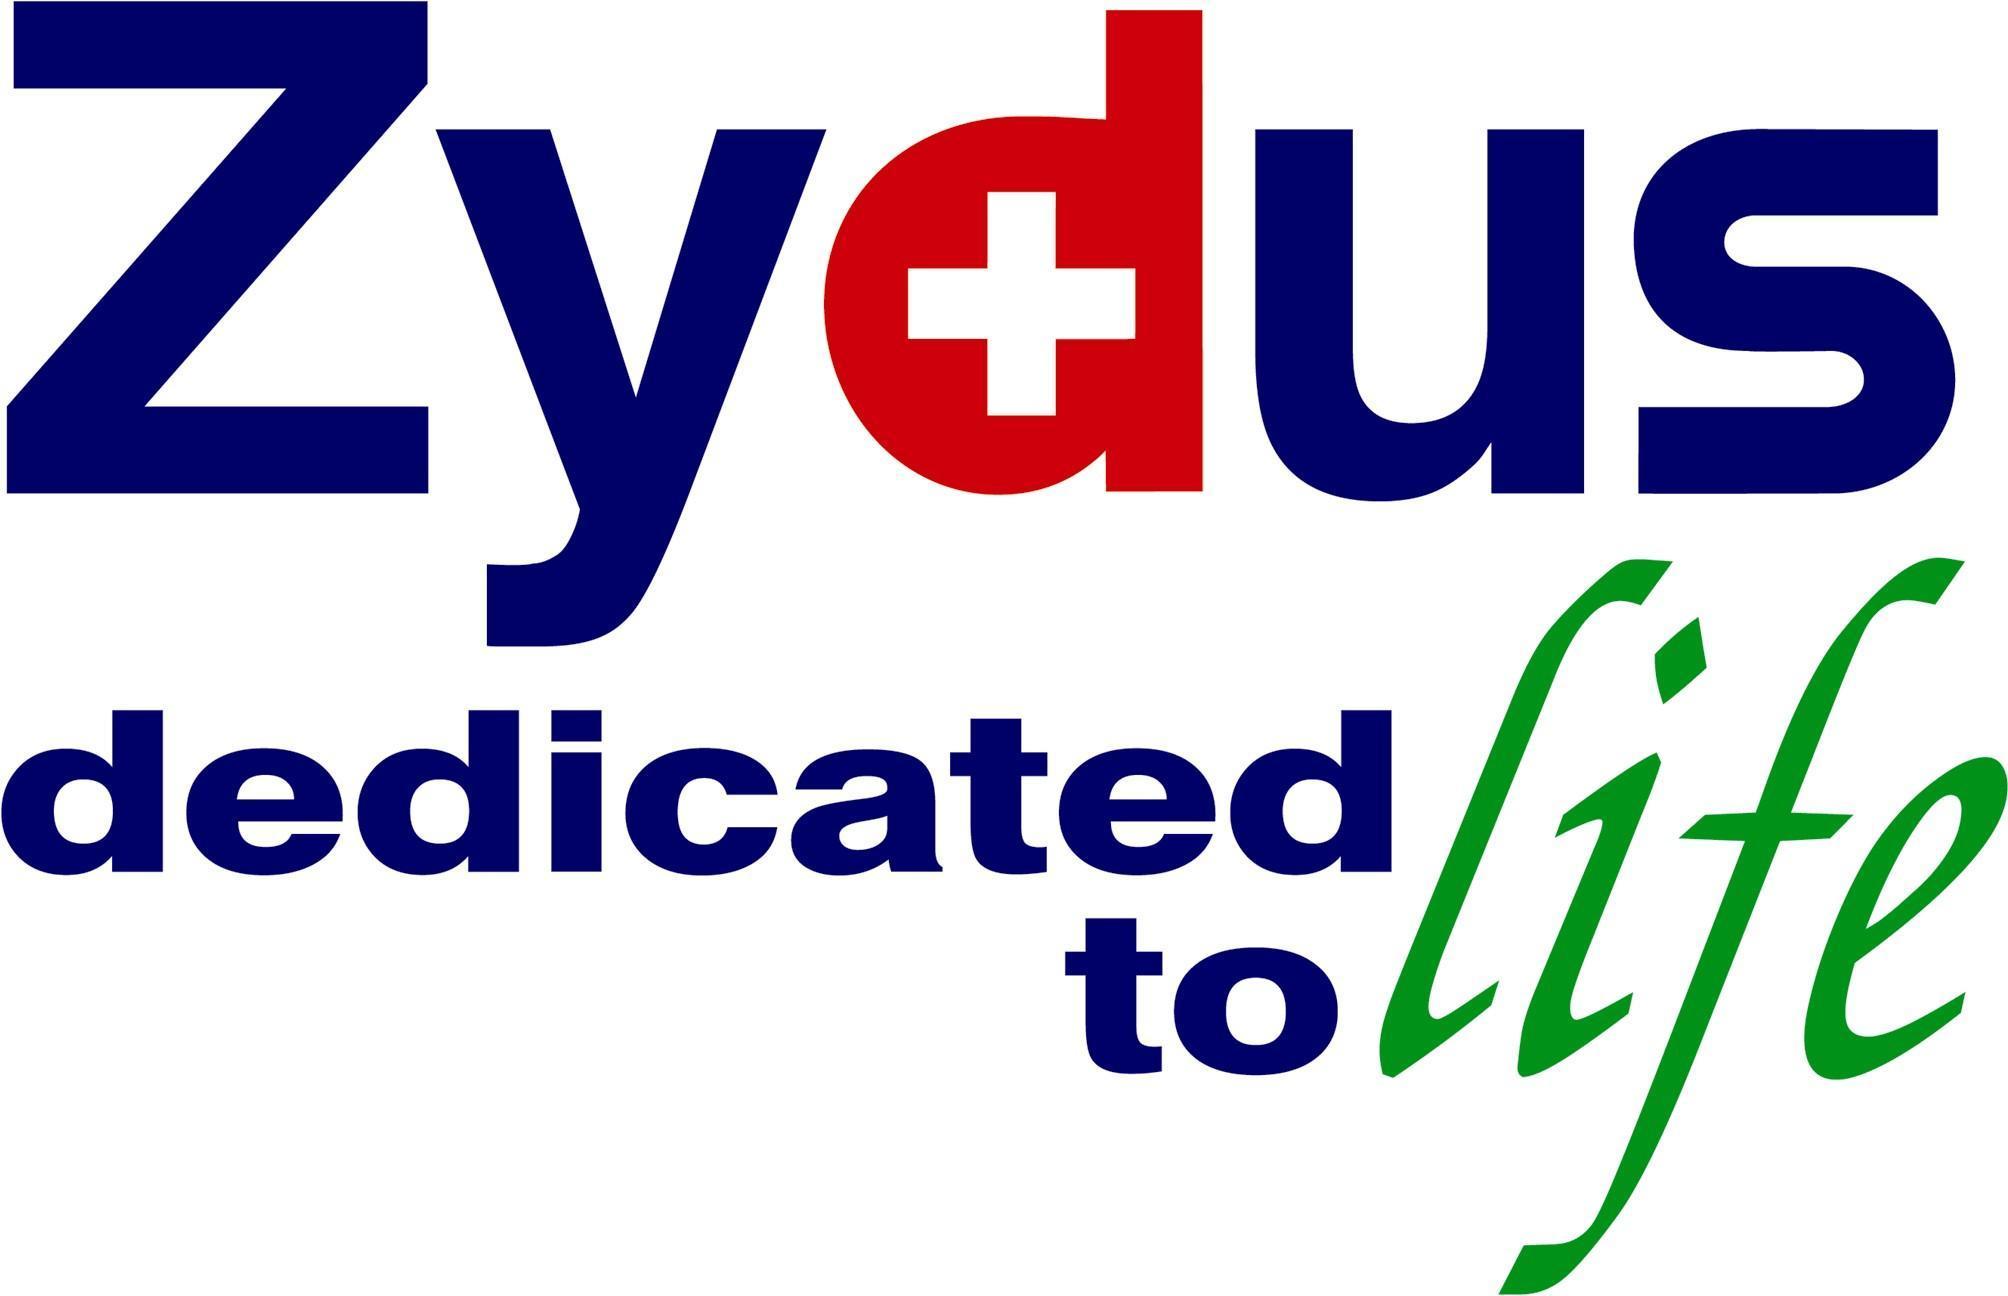 zydus_logo-1